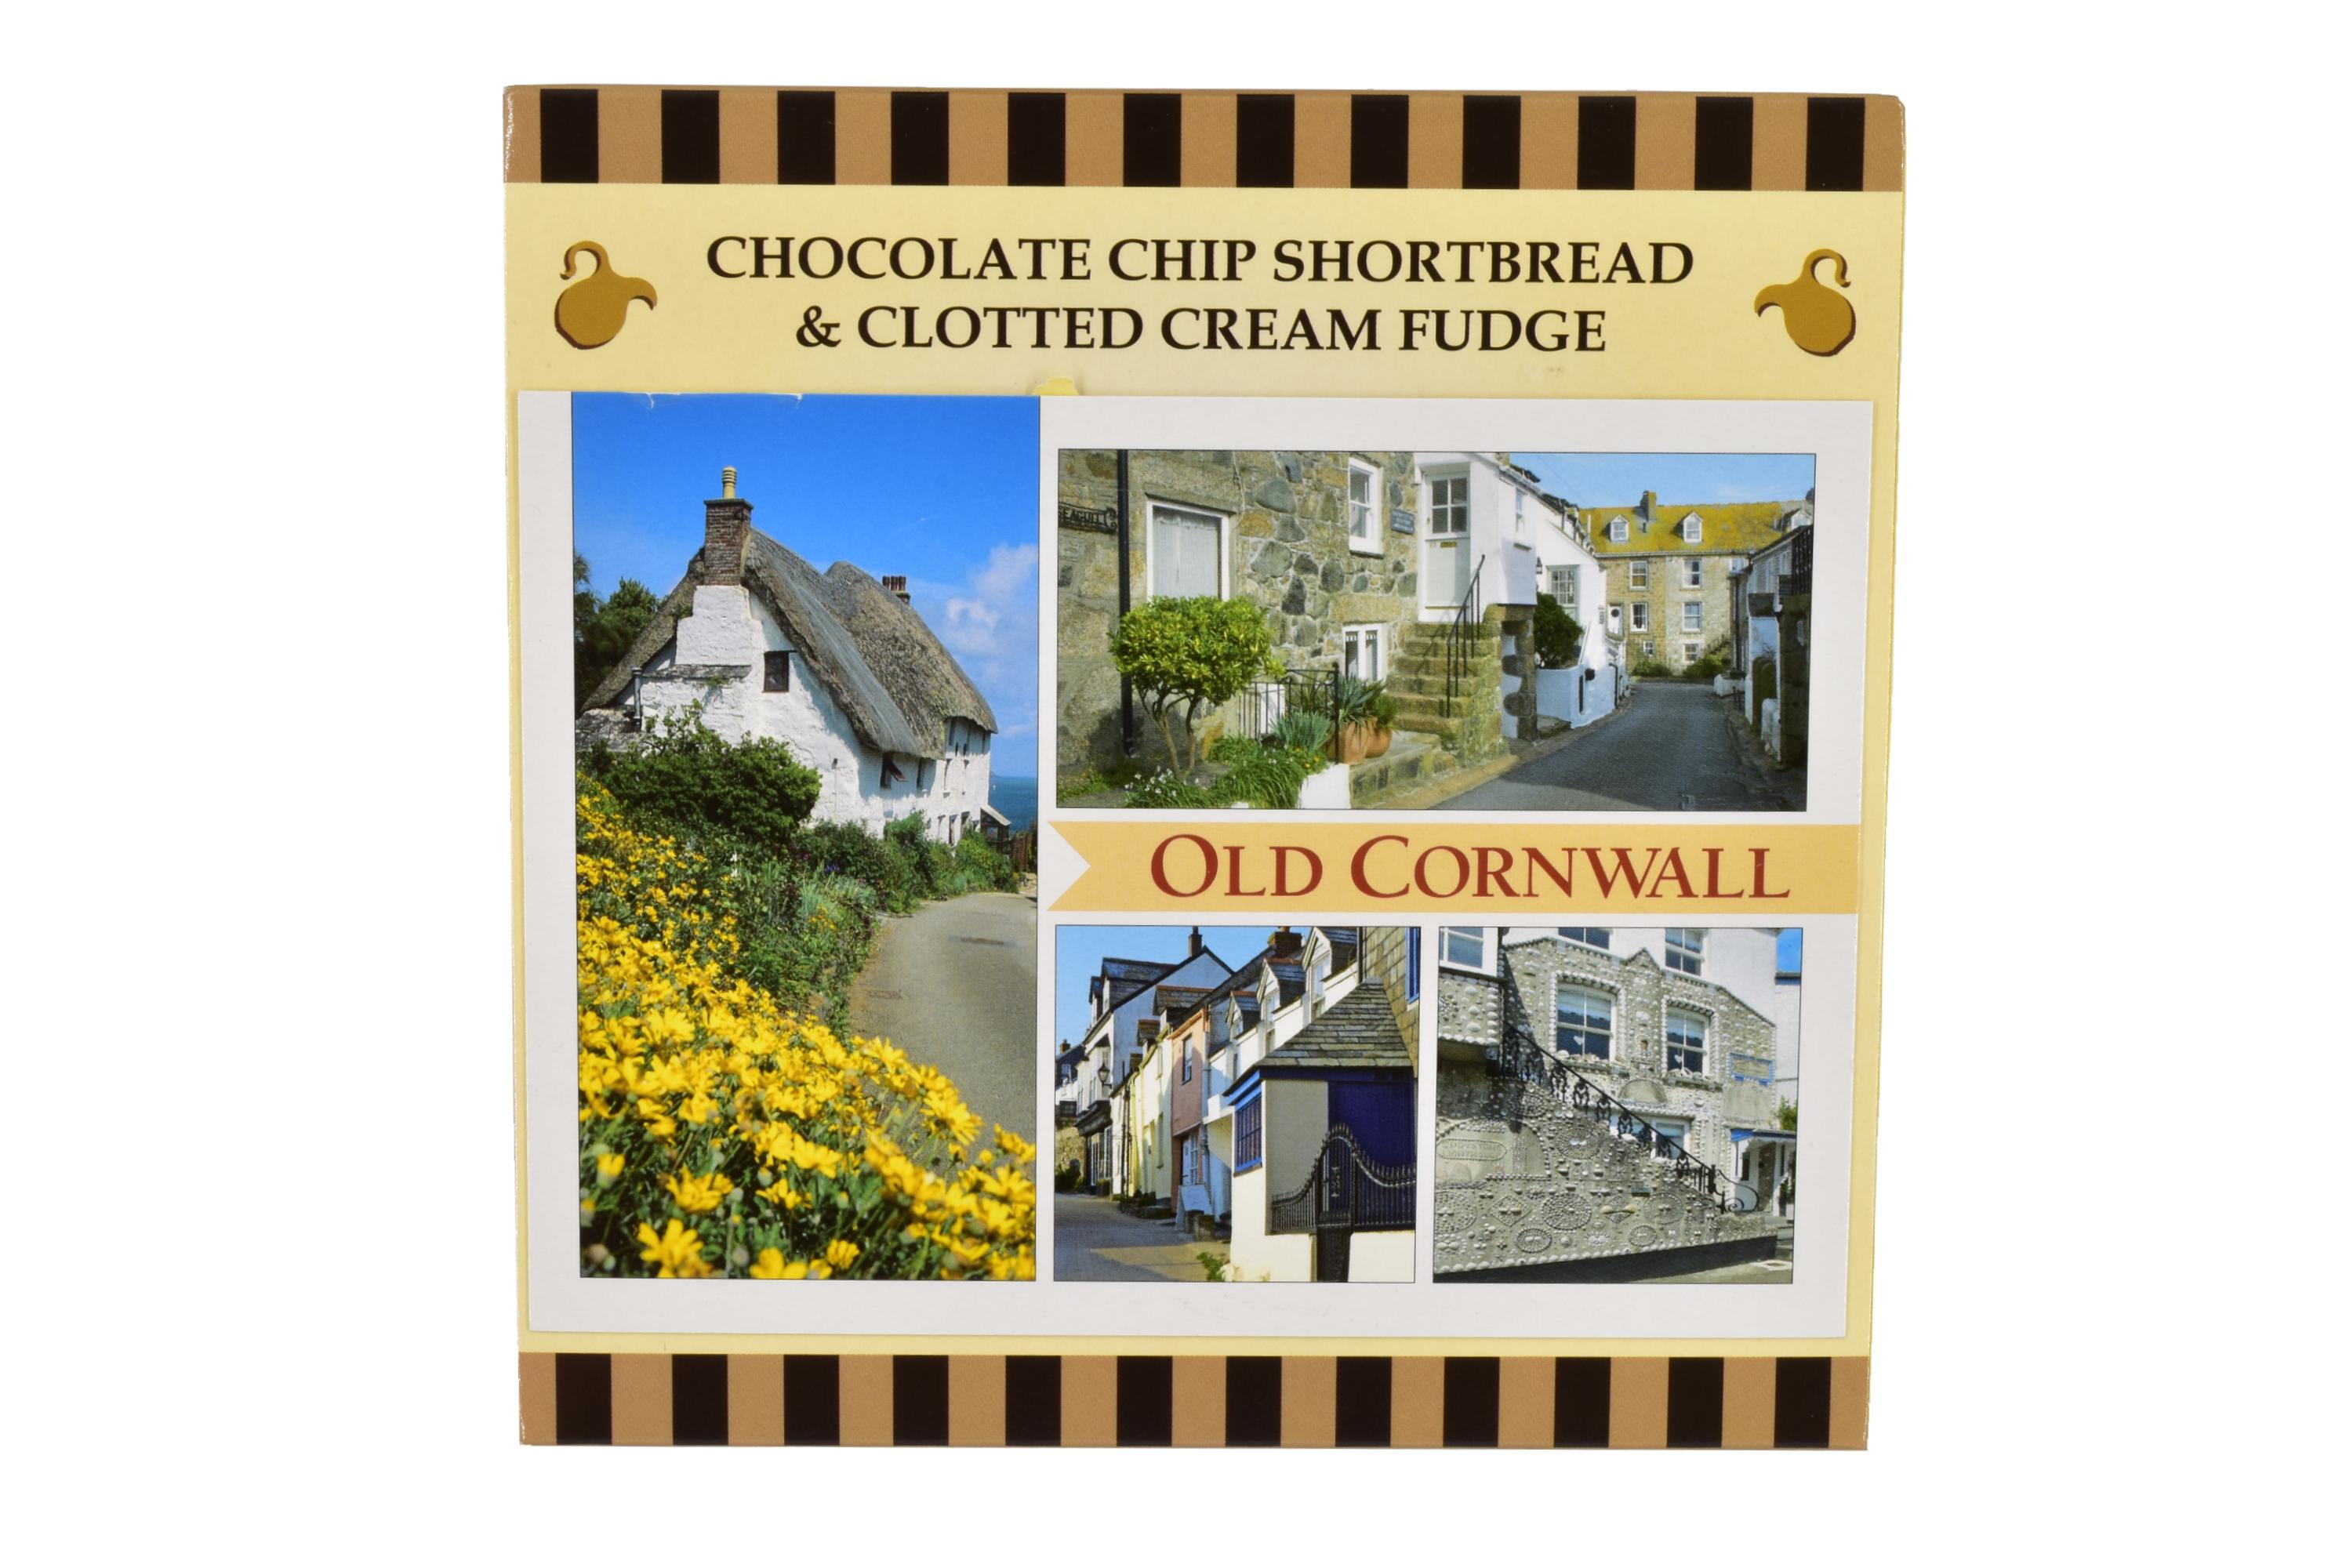 250g Choc C/C Shortbread & C/C Fudge Postcard Gift Box